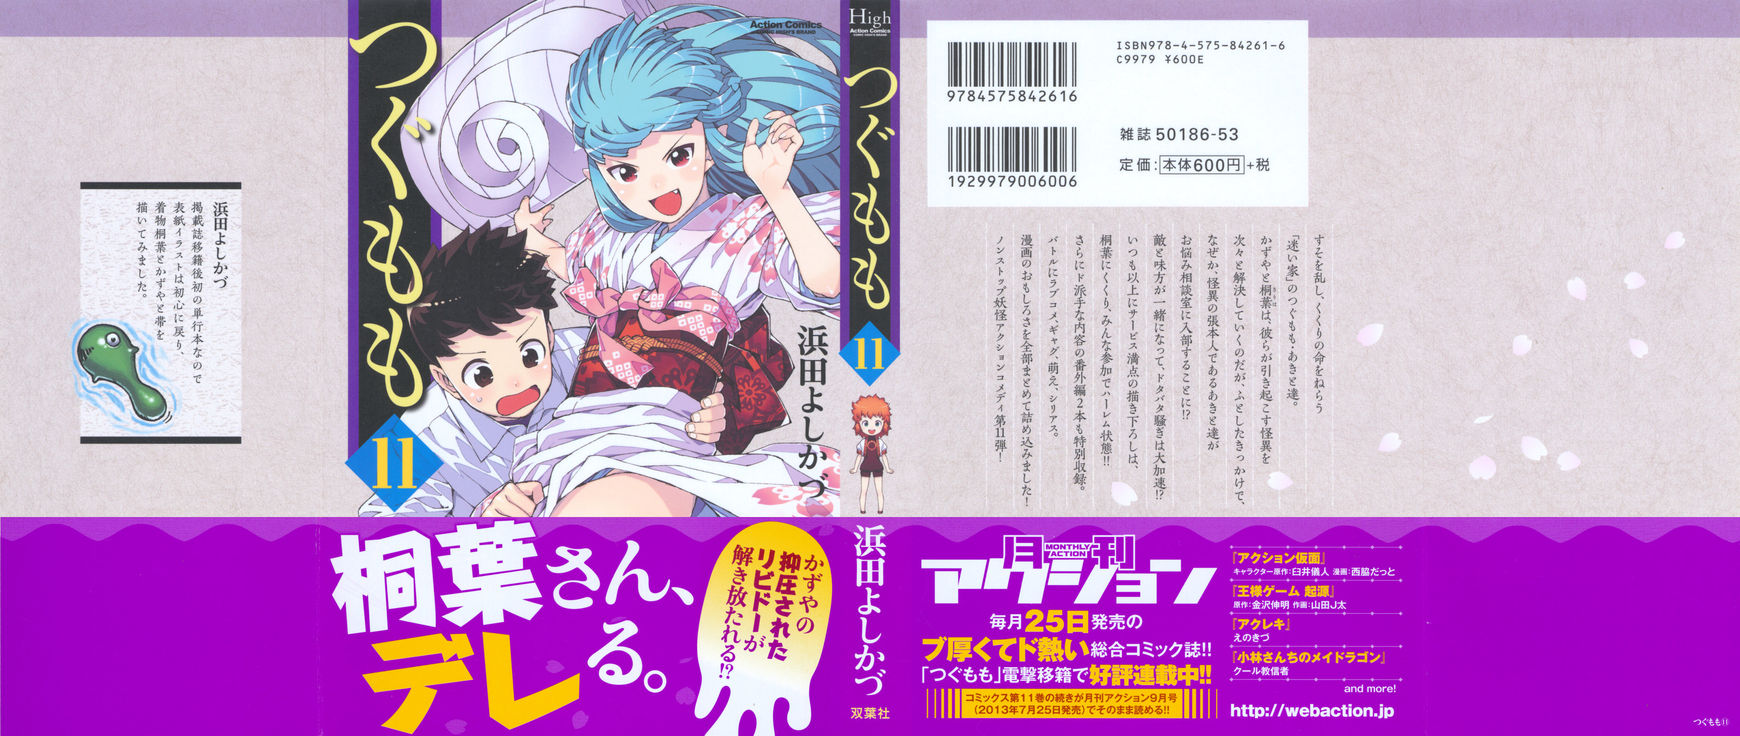 Tsugumomo 54.9 Page 1